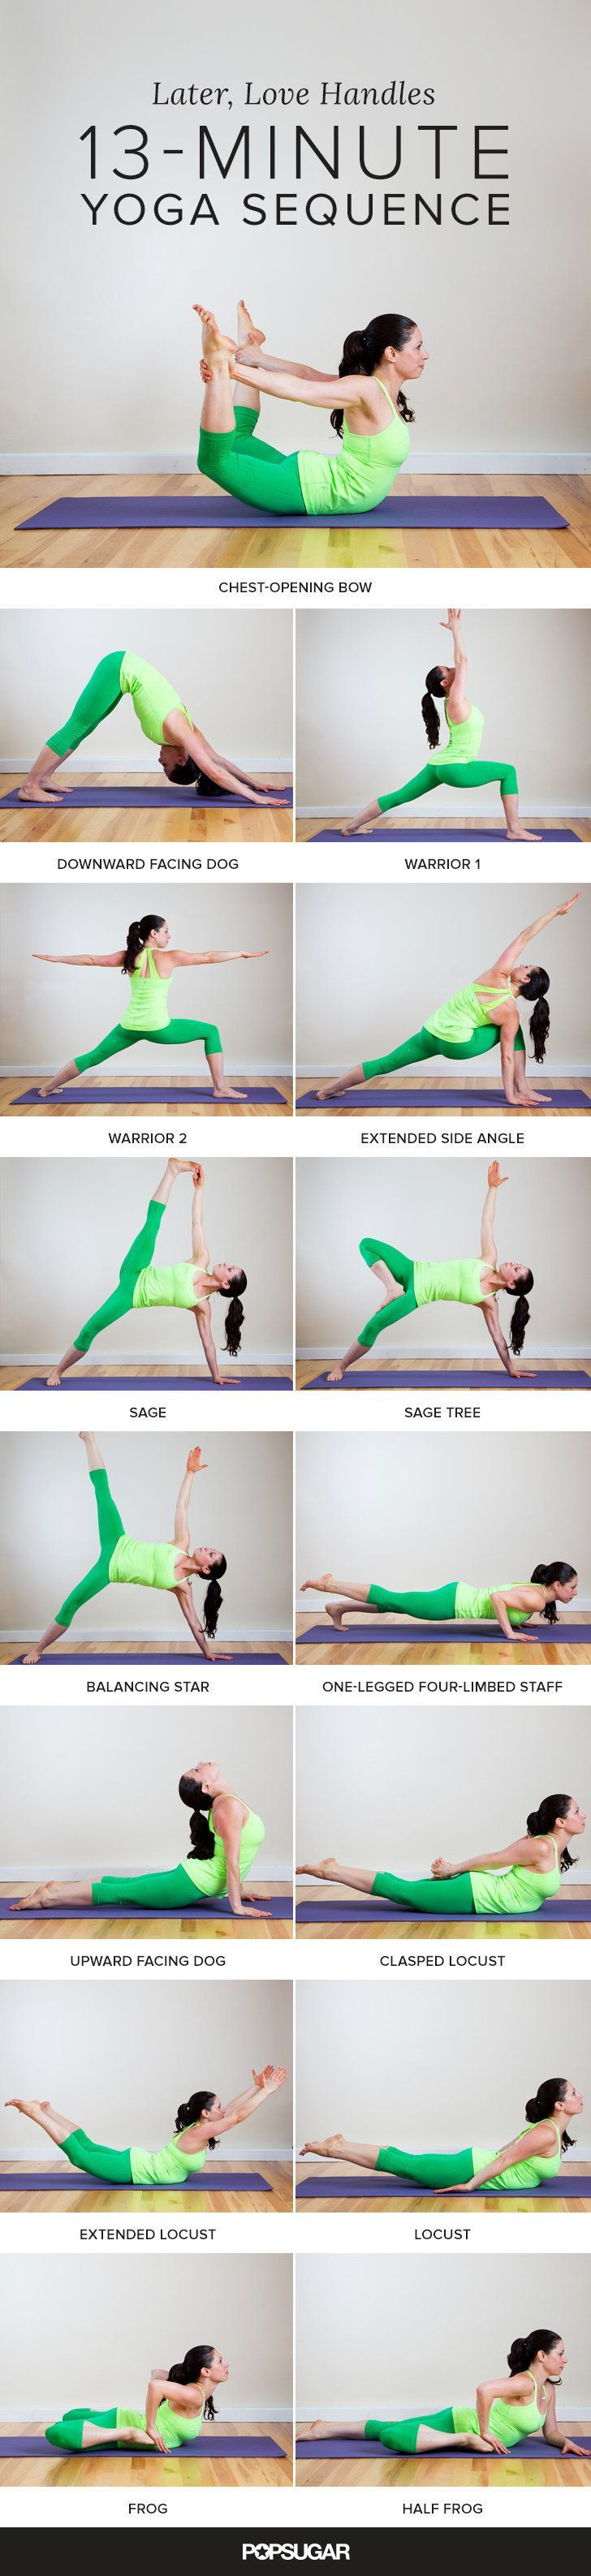 saúde, yoga, exercício físico, fitness, bem estar, vida equilibrada